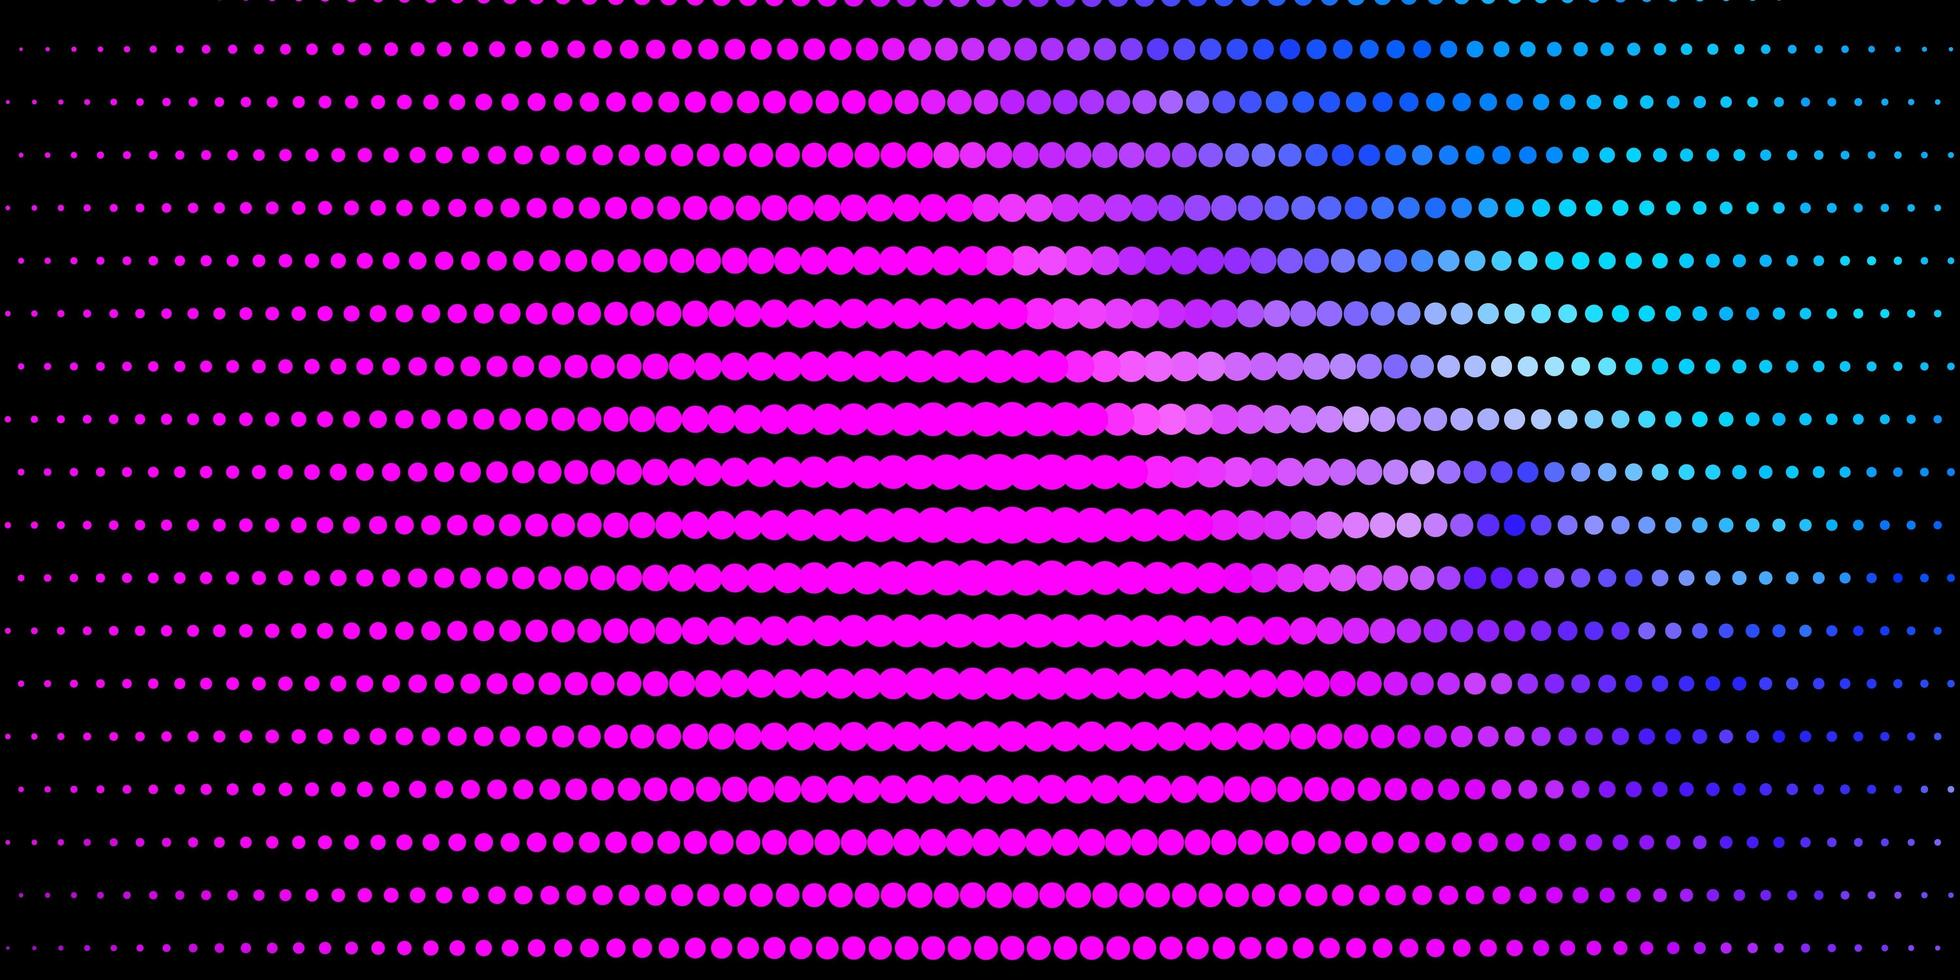 pano de fundo rosa e azul com círculos. vetor